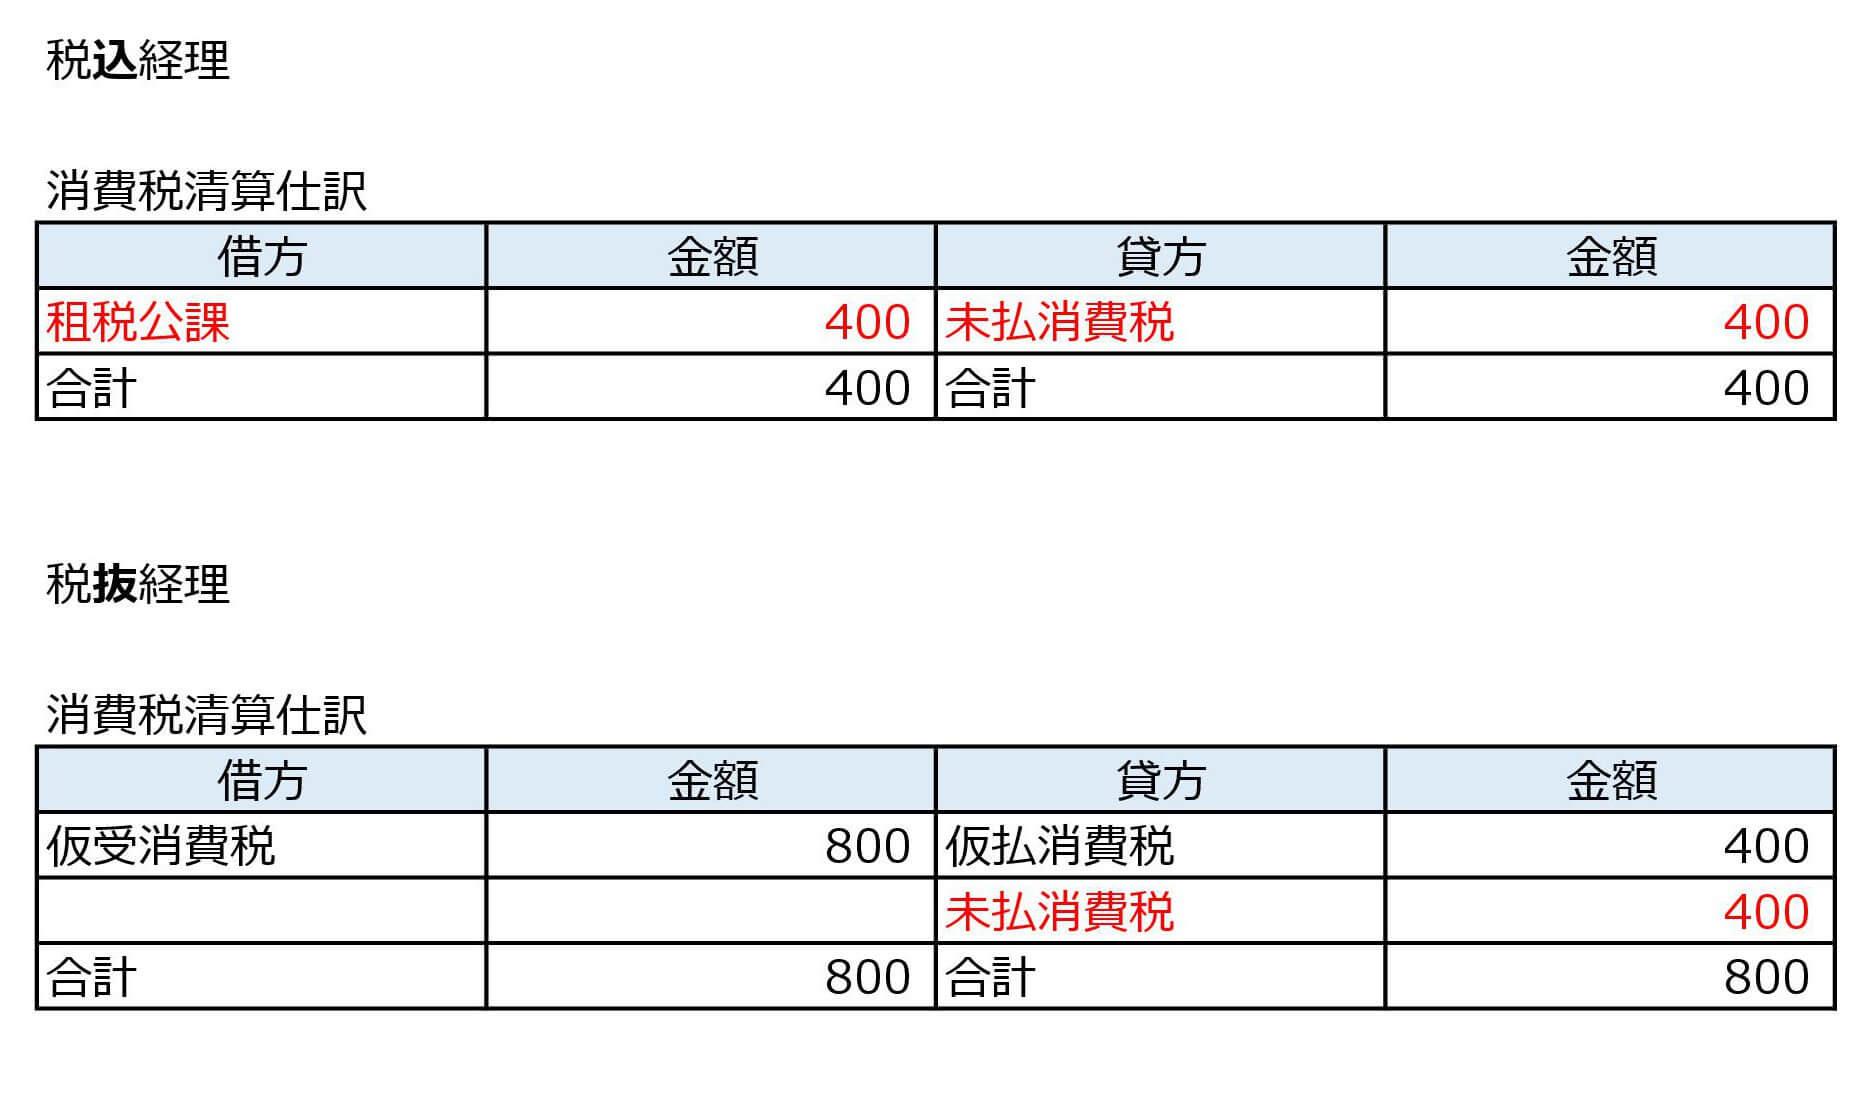 消費税】税込経理・税抜経理の違...